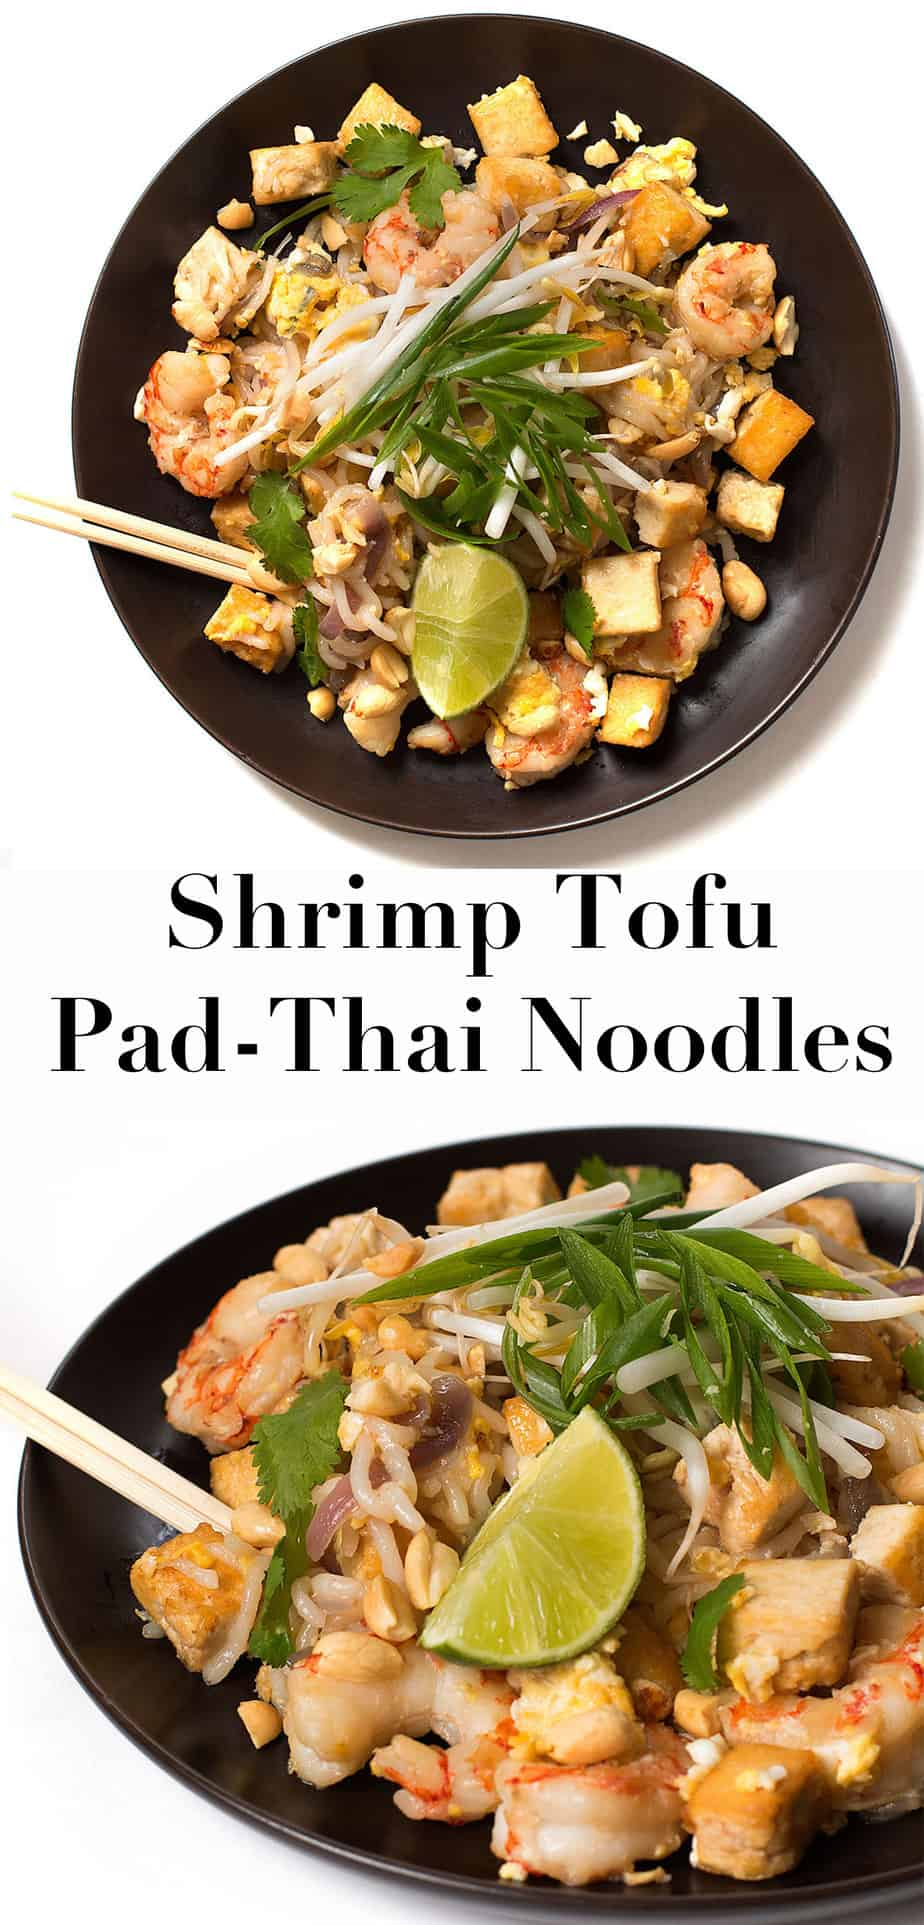 shrimp-tofu-pad-thai-noodles-recipe. Easy pad thai recipe using rice noodle, tamarind paste, fish sauce, tofu, shrimp. Quick recipe under 30 minutes and affordable